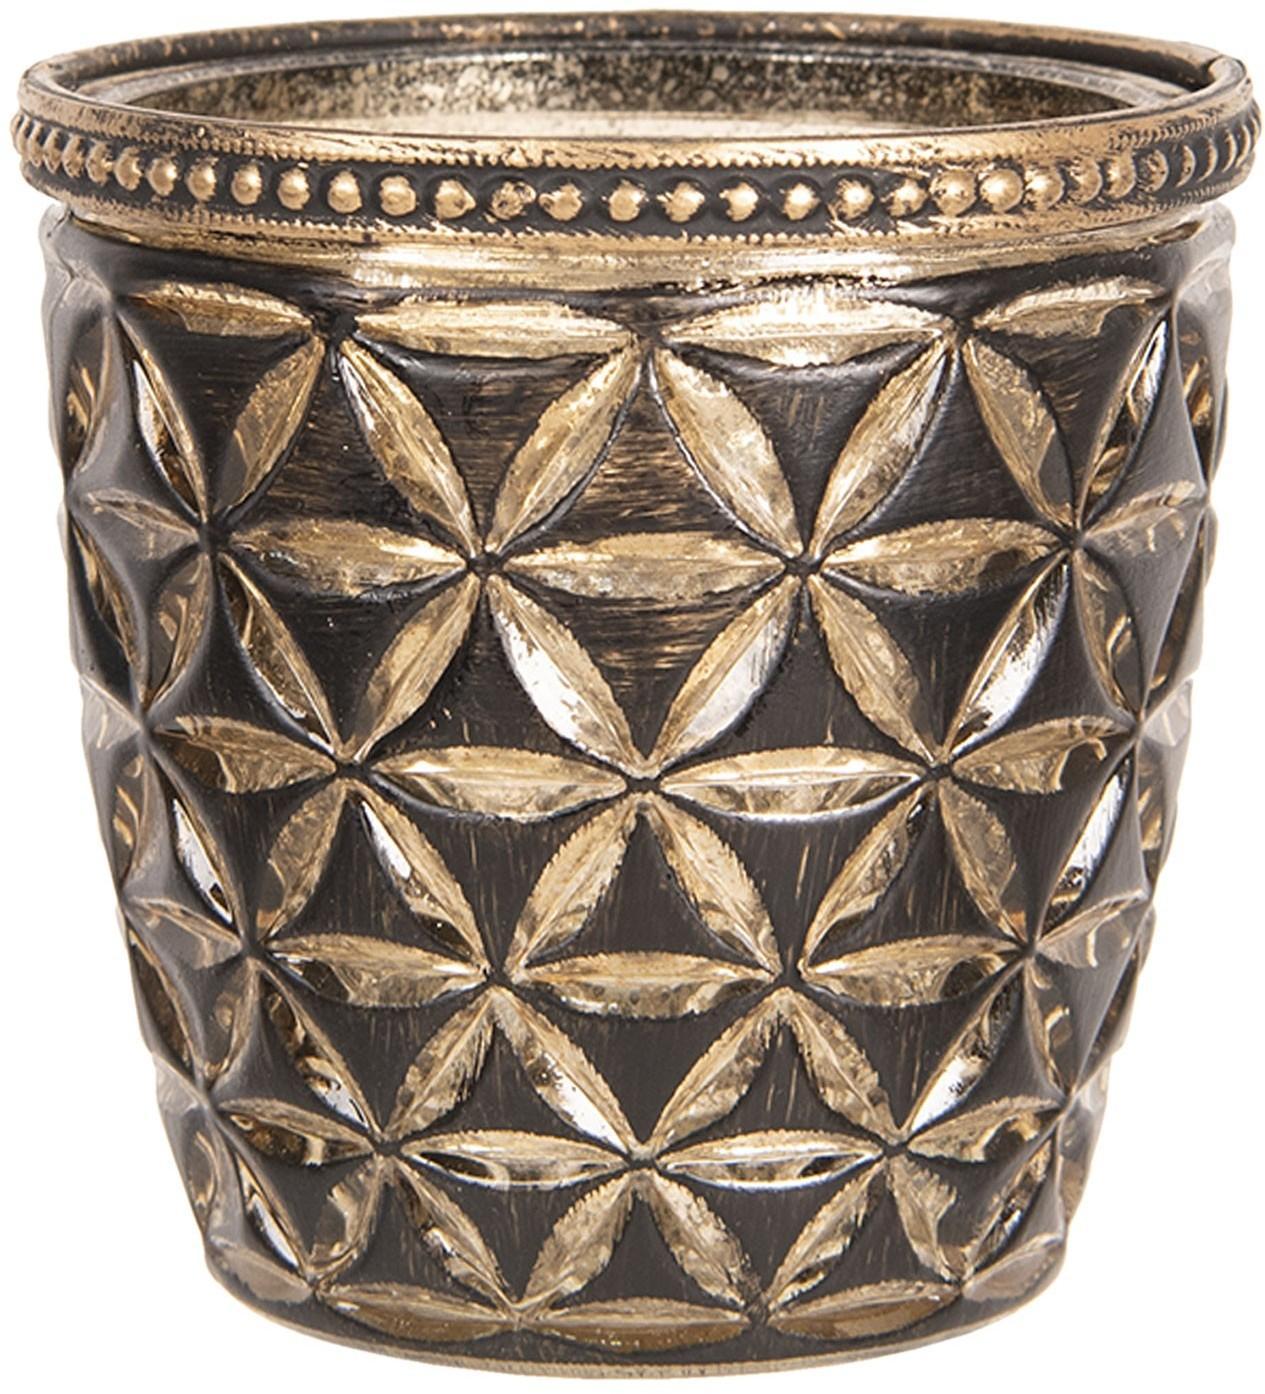 Čierno zlatý sklenený svietnik s patinou Tealight - 9 * 9 cm